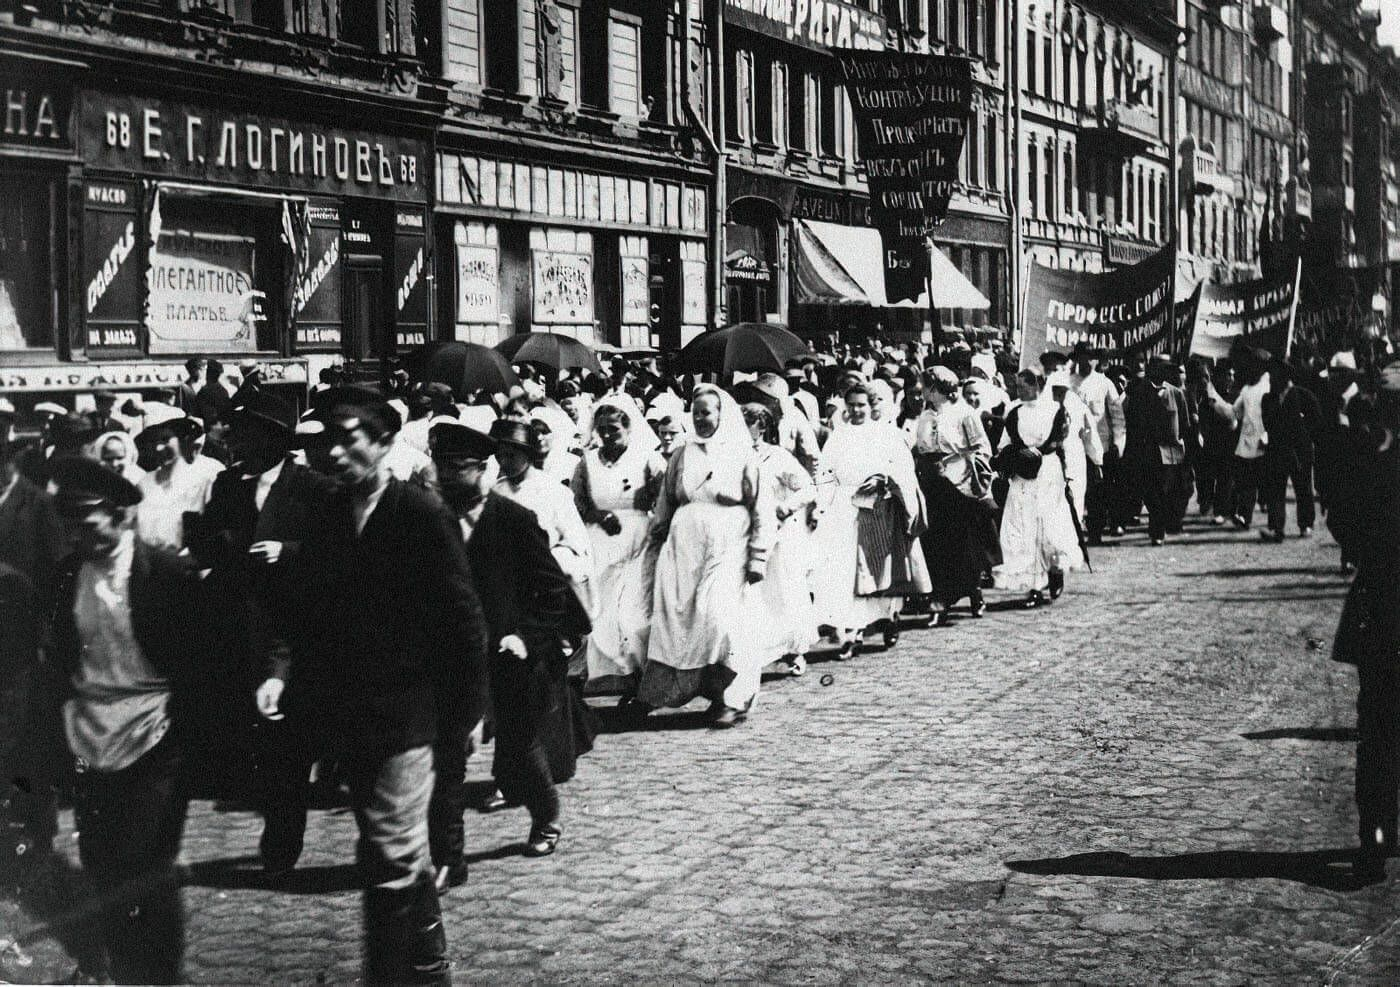 Политическая демонстрация против Временного правительства, 1 июля 1917. Фото: неизвестный автор, russiainphoto.ru